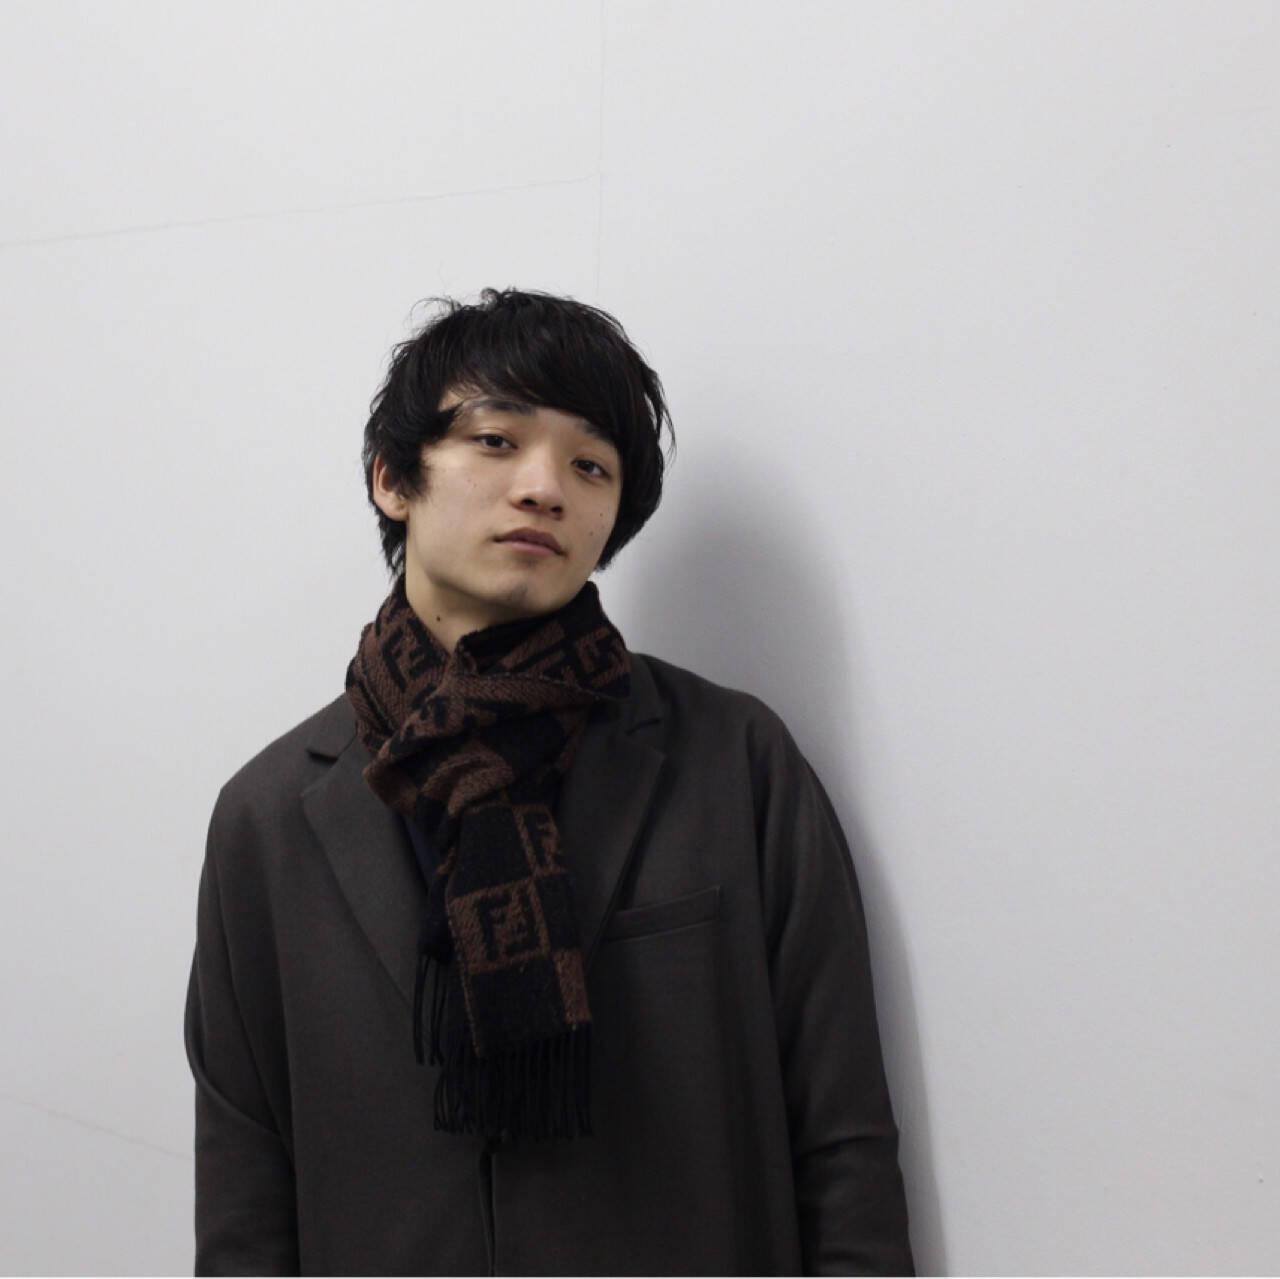 黒髪 ボーイッシュ メンズ ナチュラルヘアスタイルや髪型の写真・画像